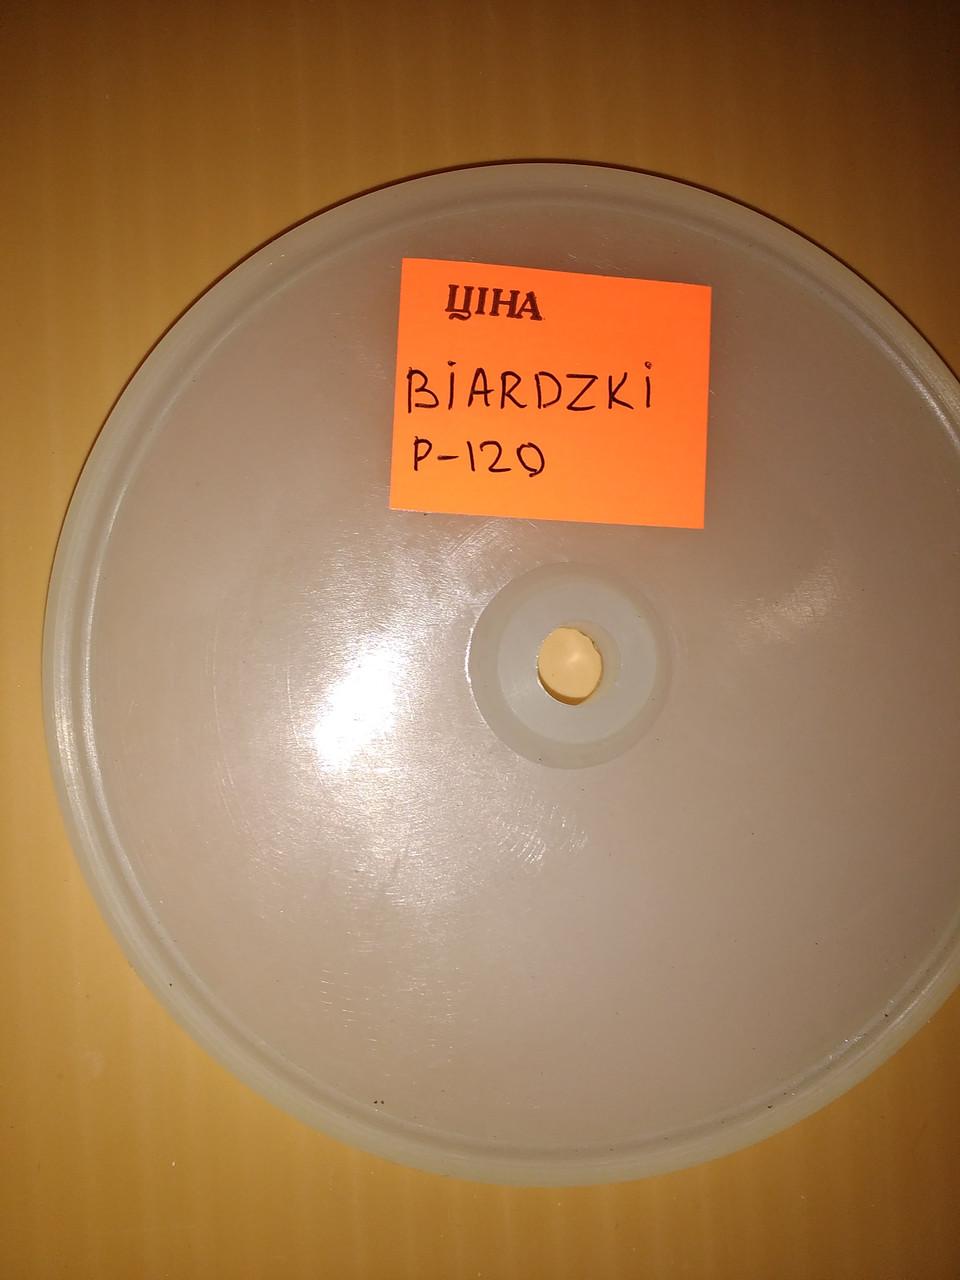 Мембраны на насосы Р-120 BIARDZKI оригинал